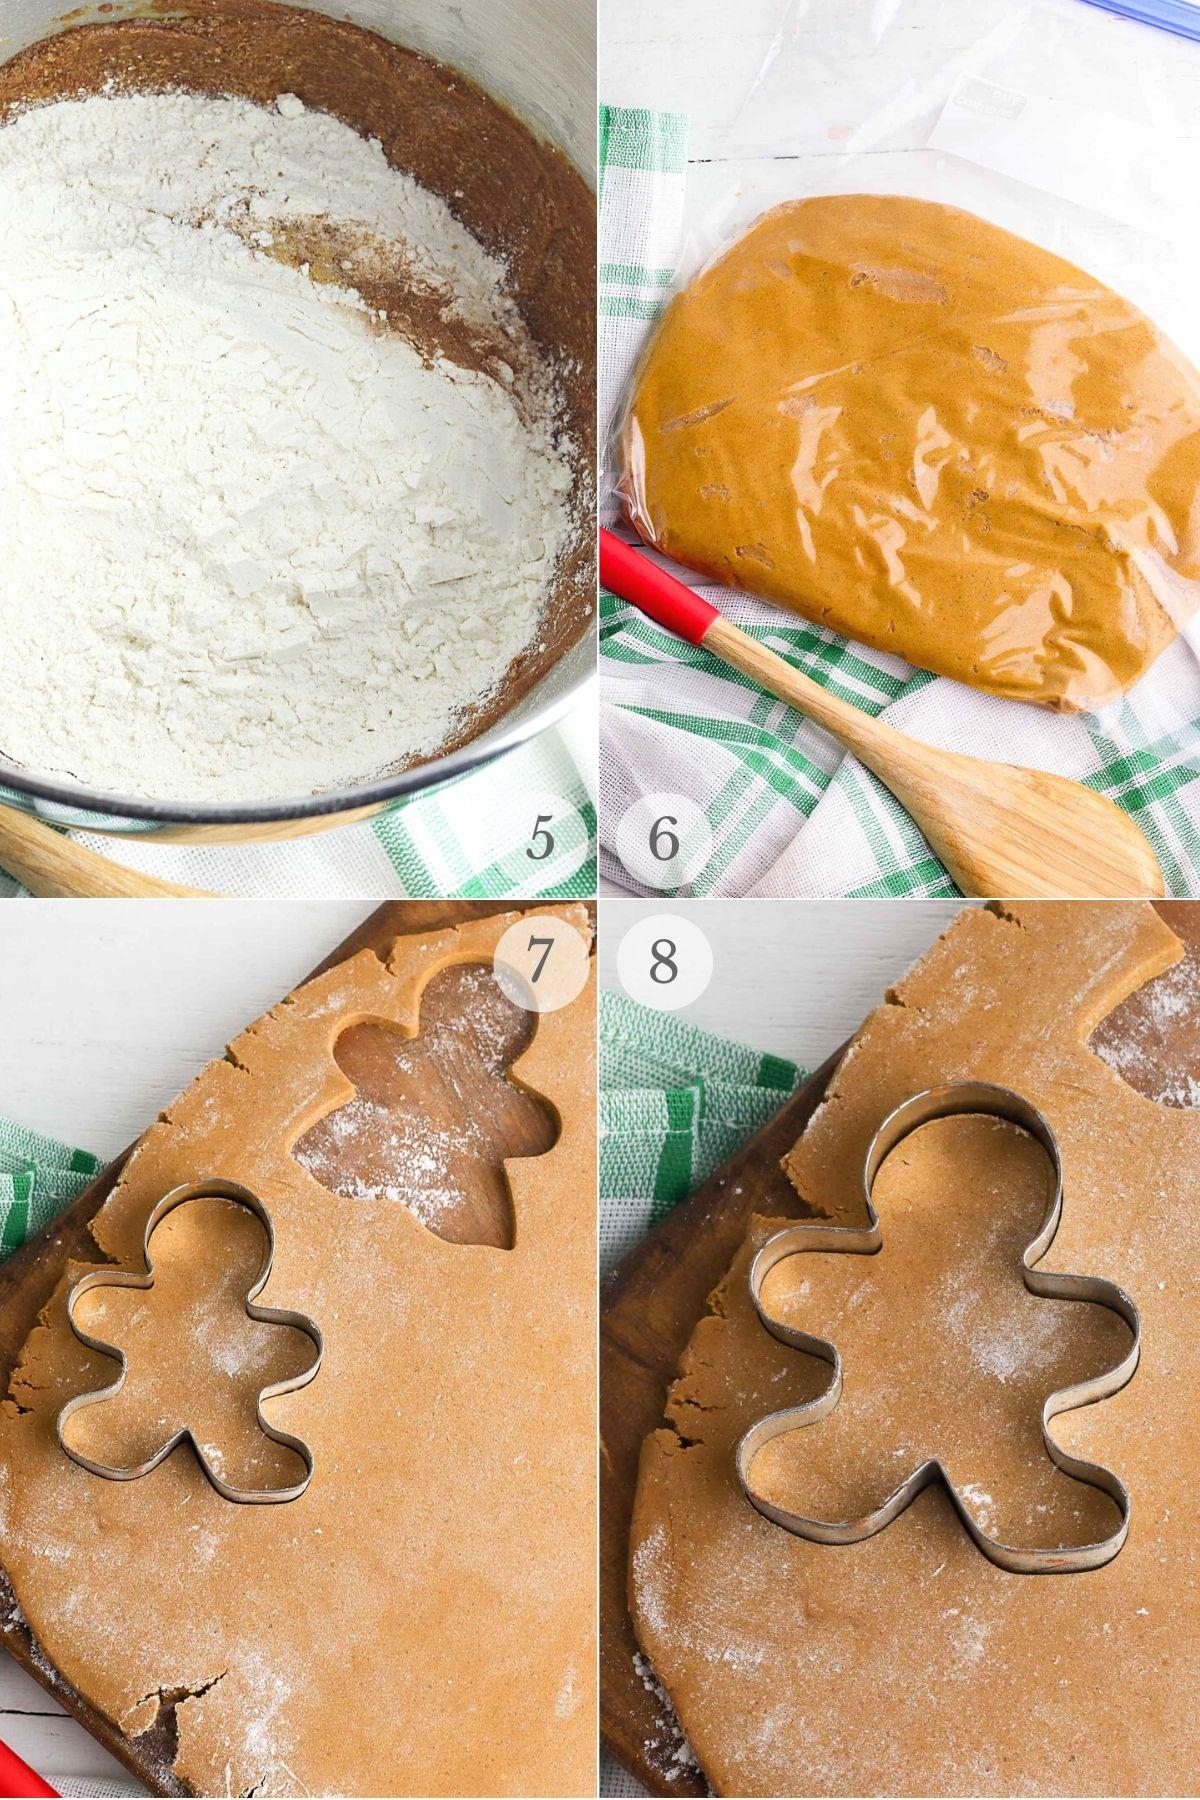 gingerbread cookies recipe steps 5-8